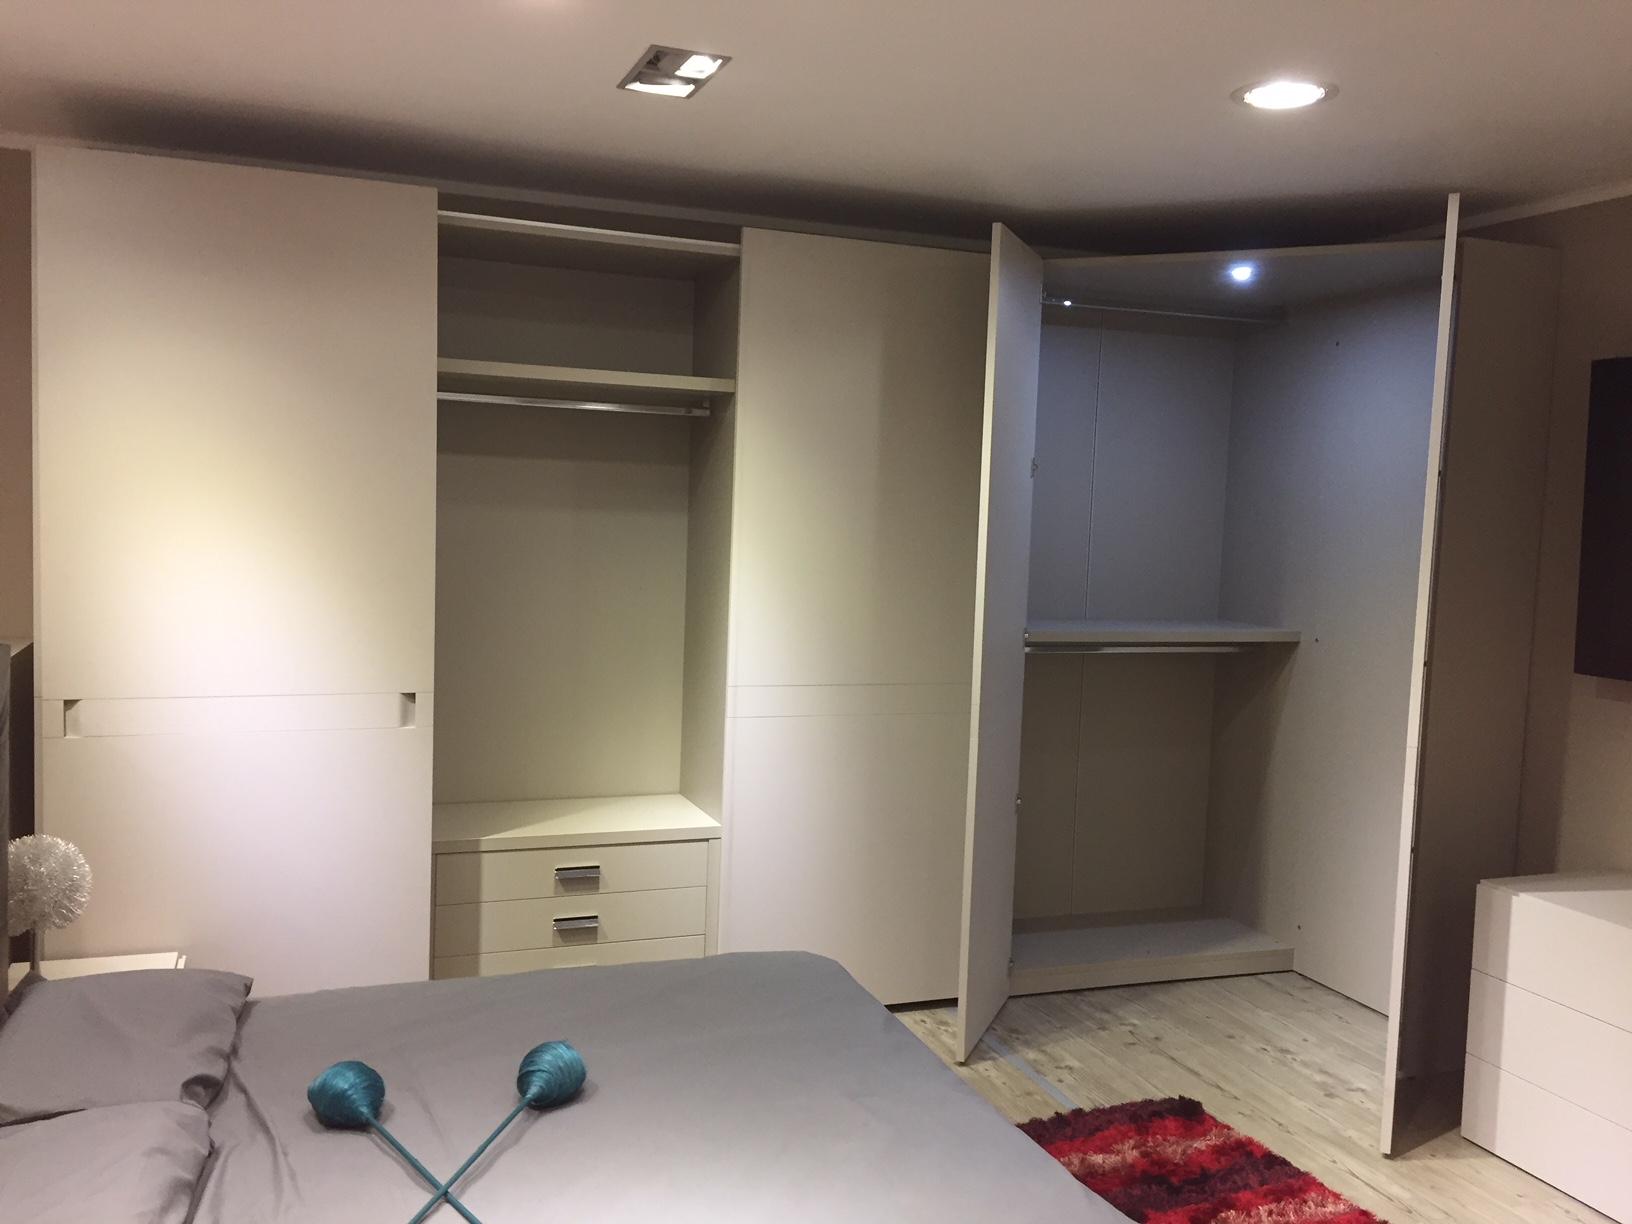 Offerta camera da letto doimo design impiallacciata rovere for Nicoloro arredamenti catalogo 2017